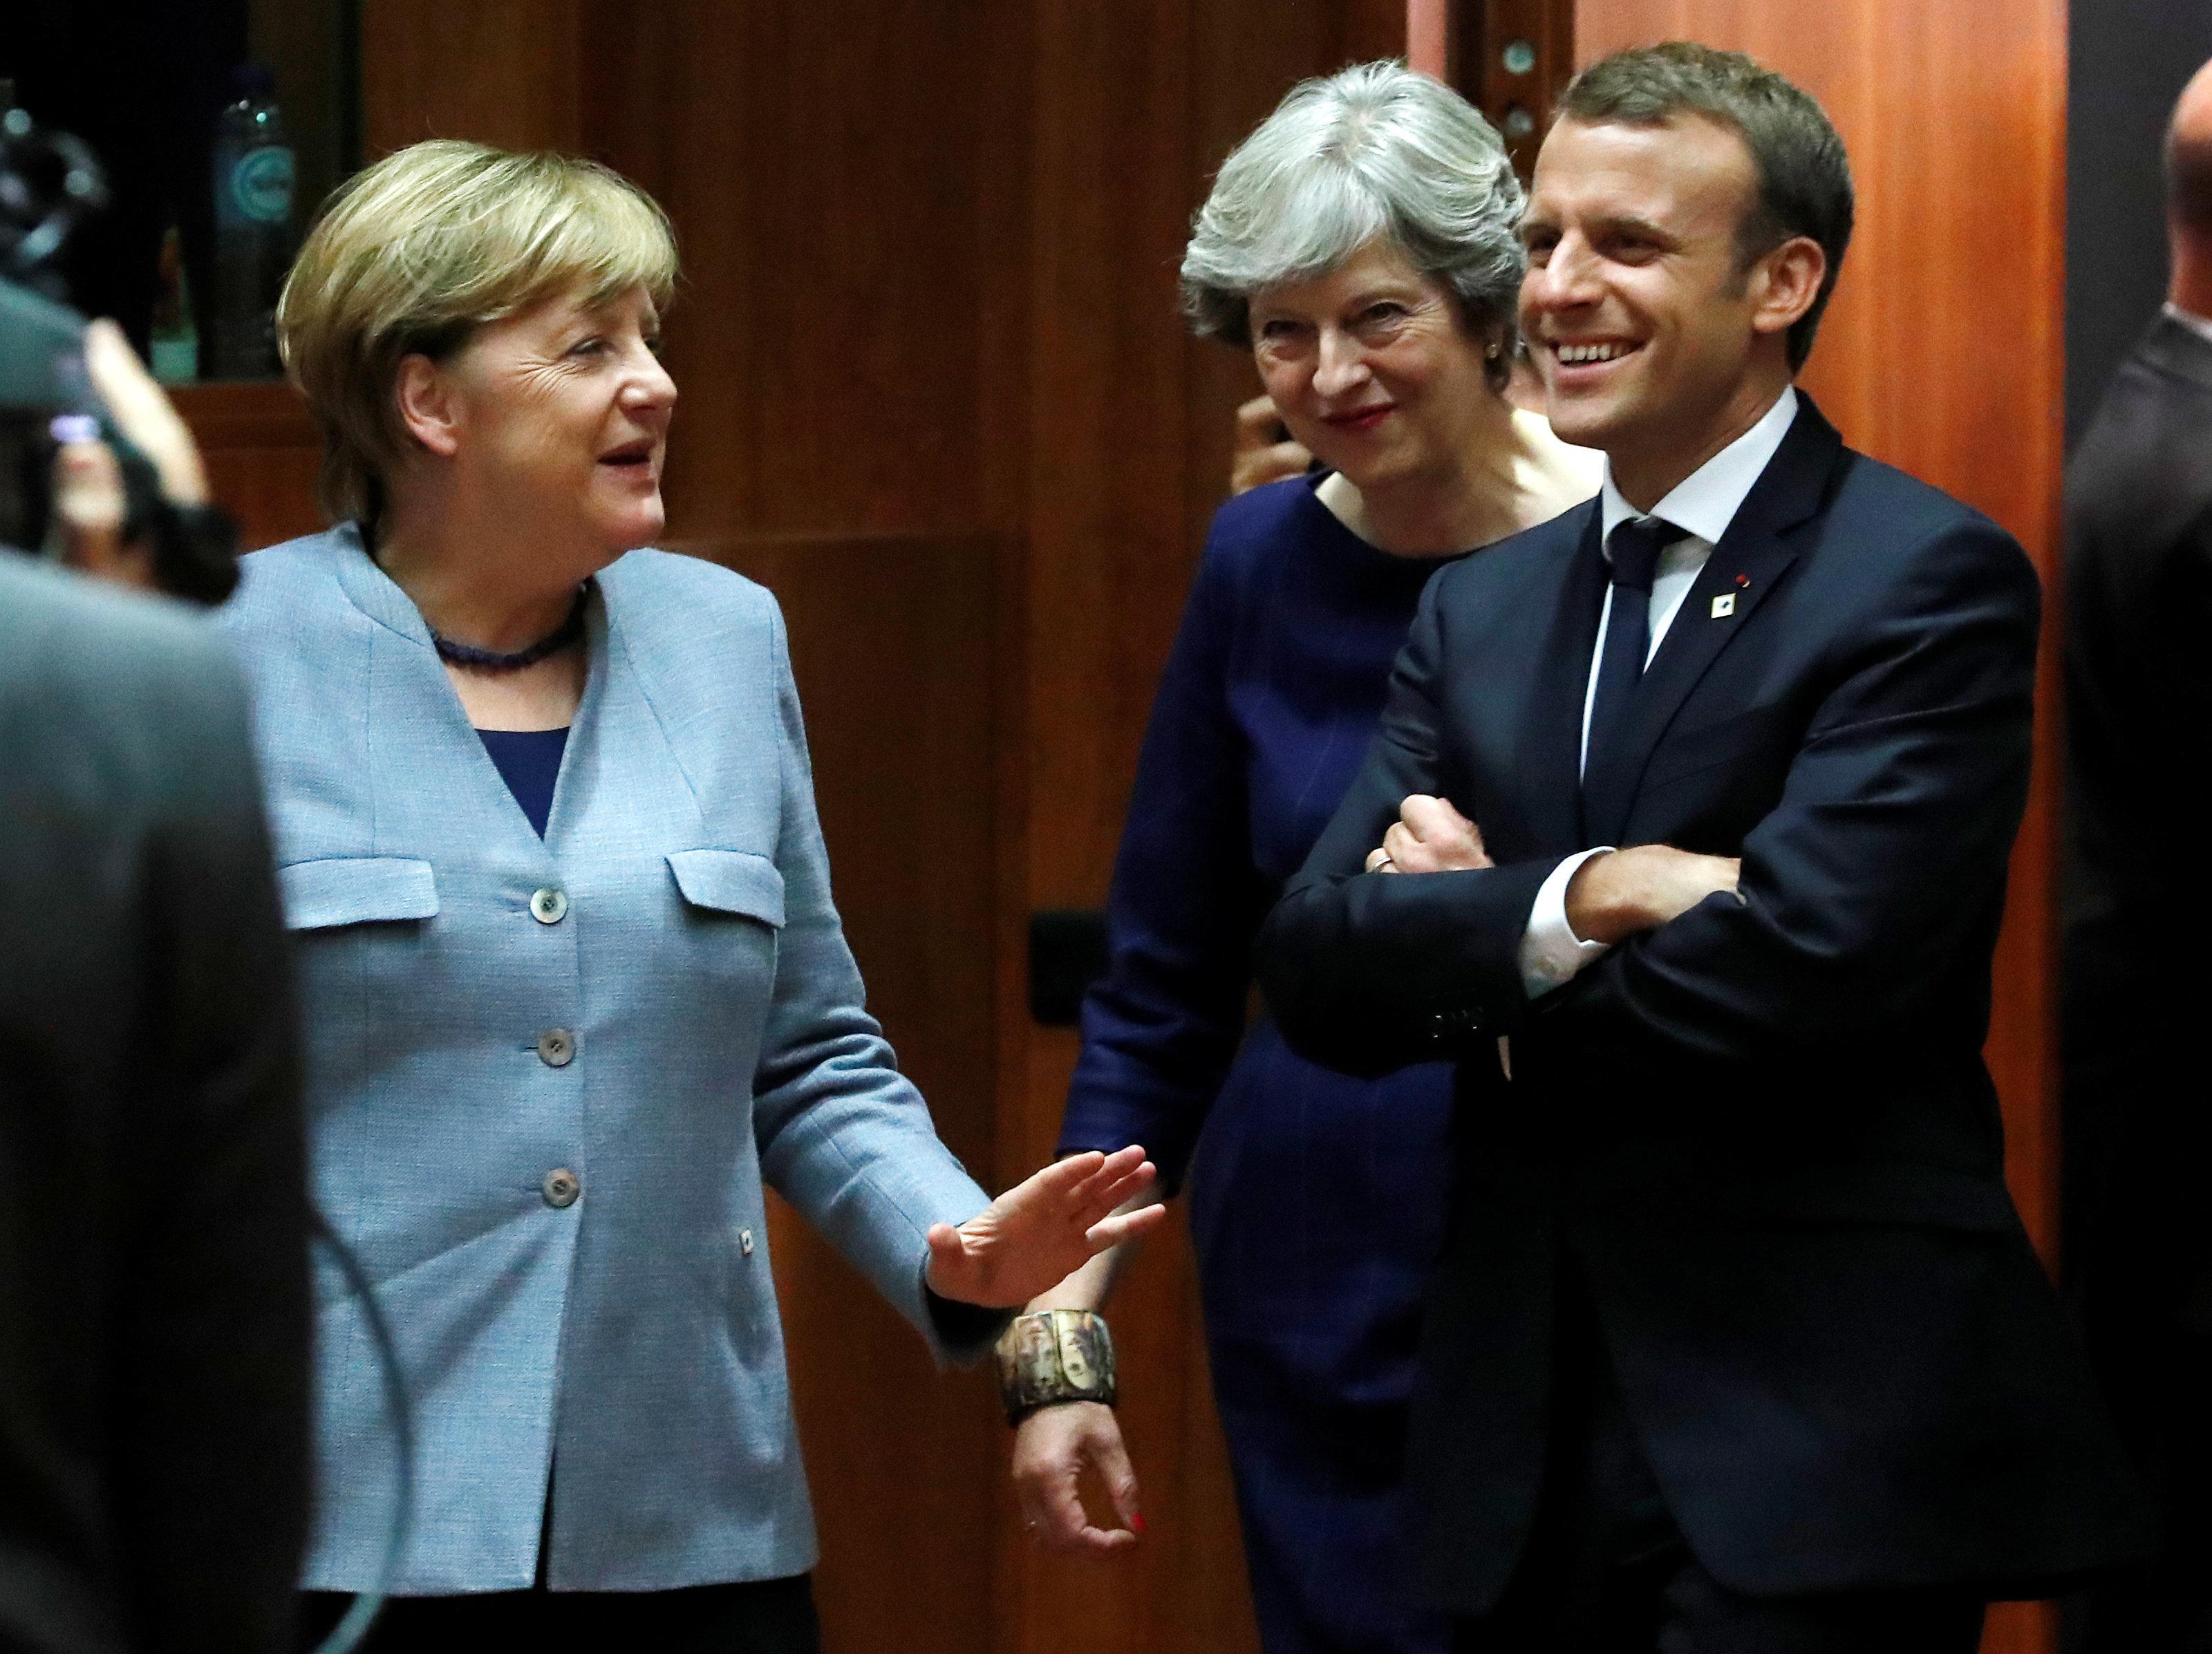 Angela Merkel Raises Hopes Trade Talks Could Start In